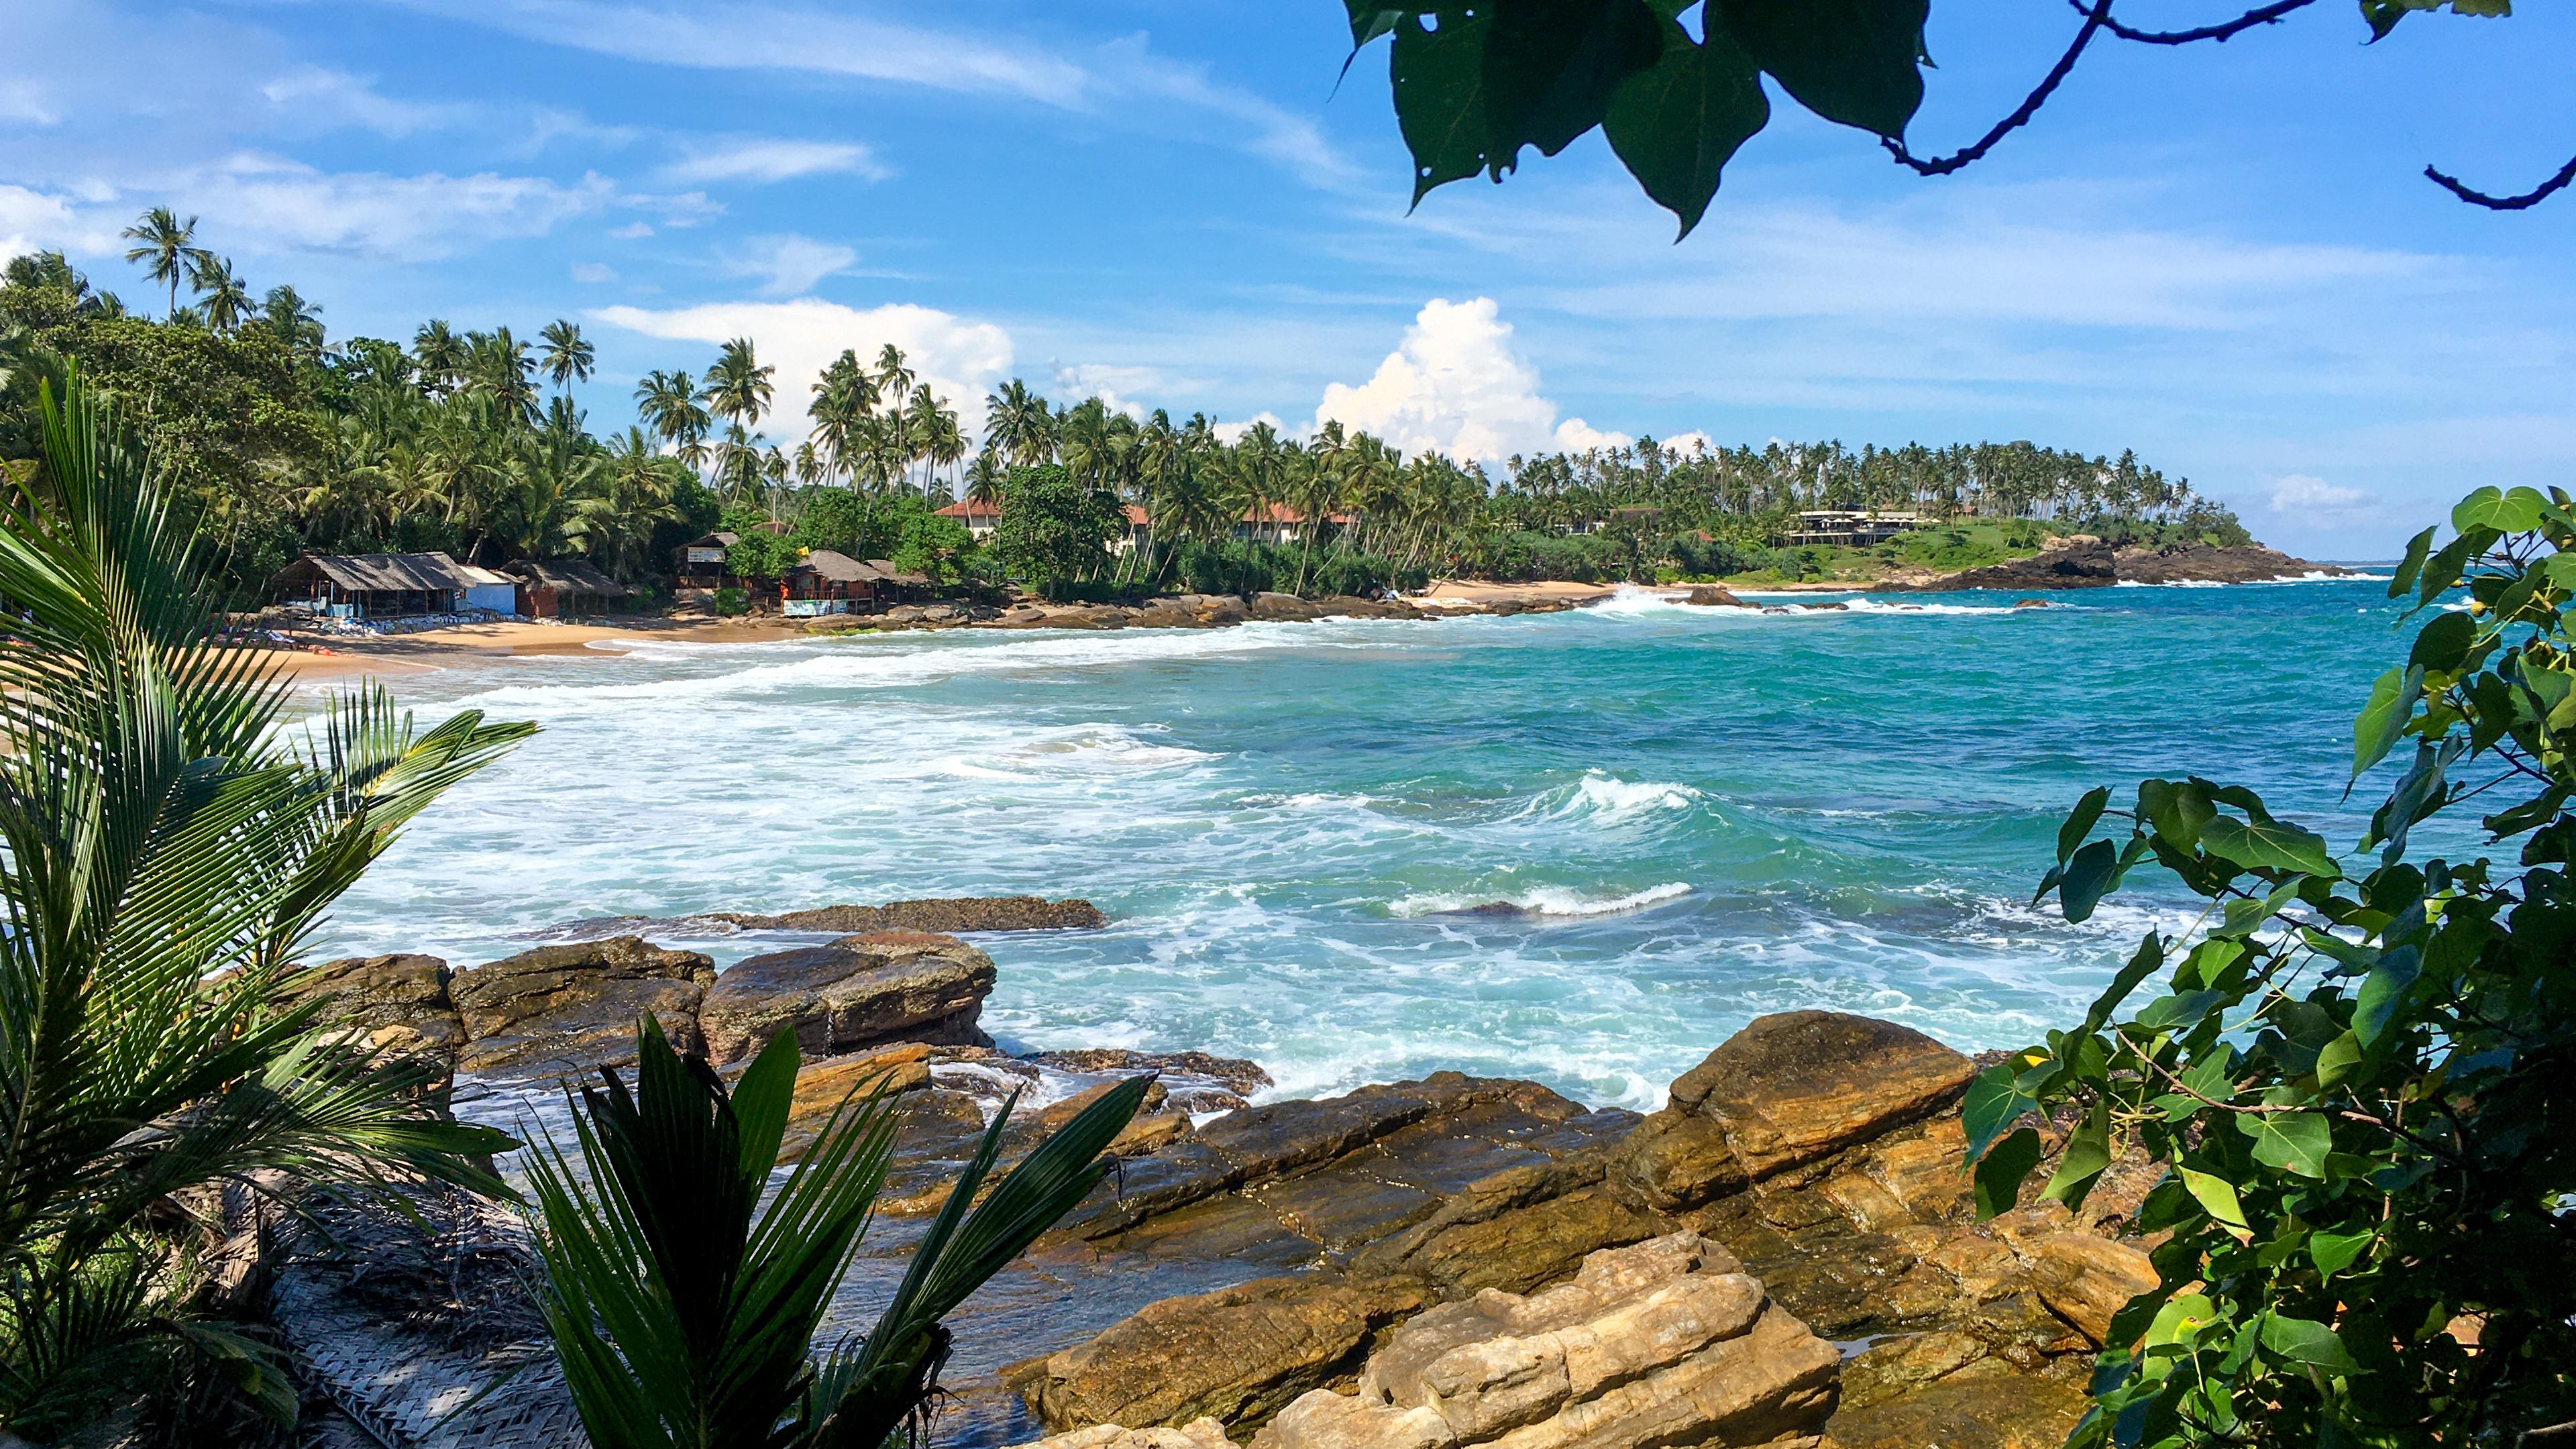 Goyambokka Beach